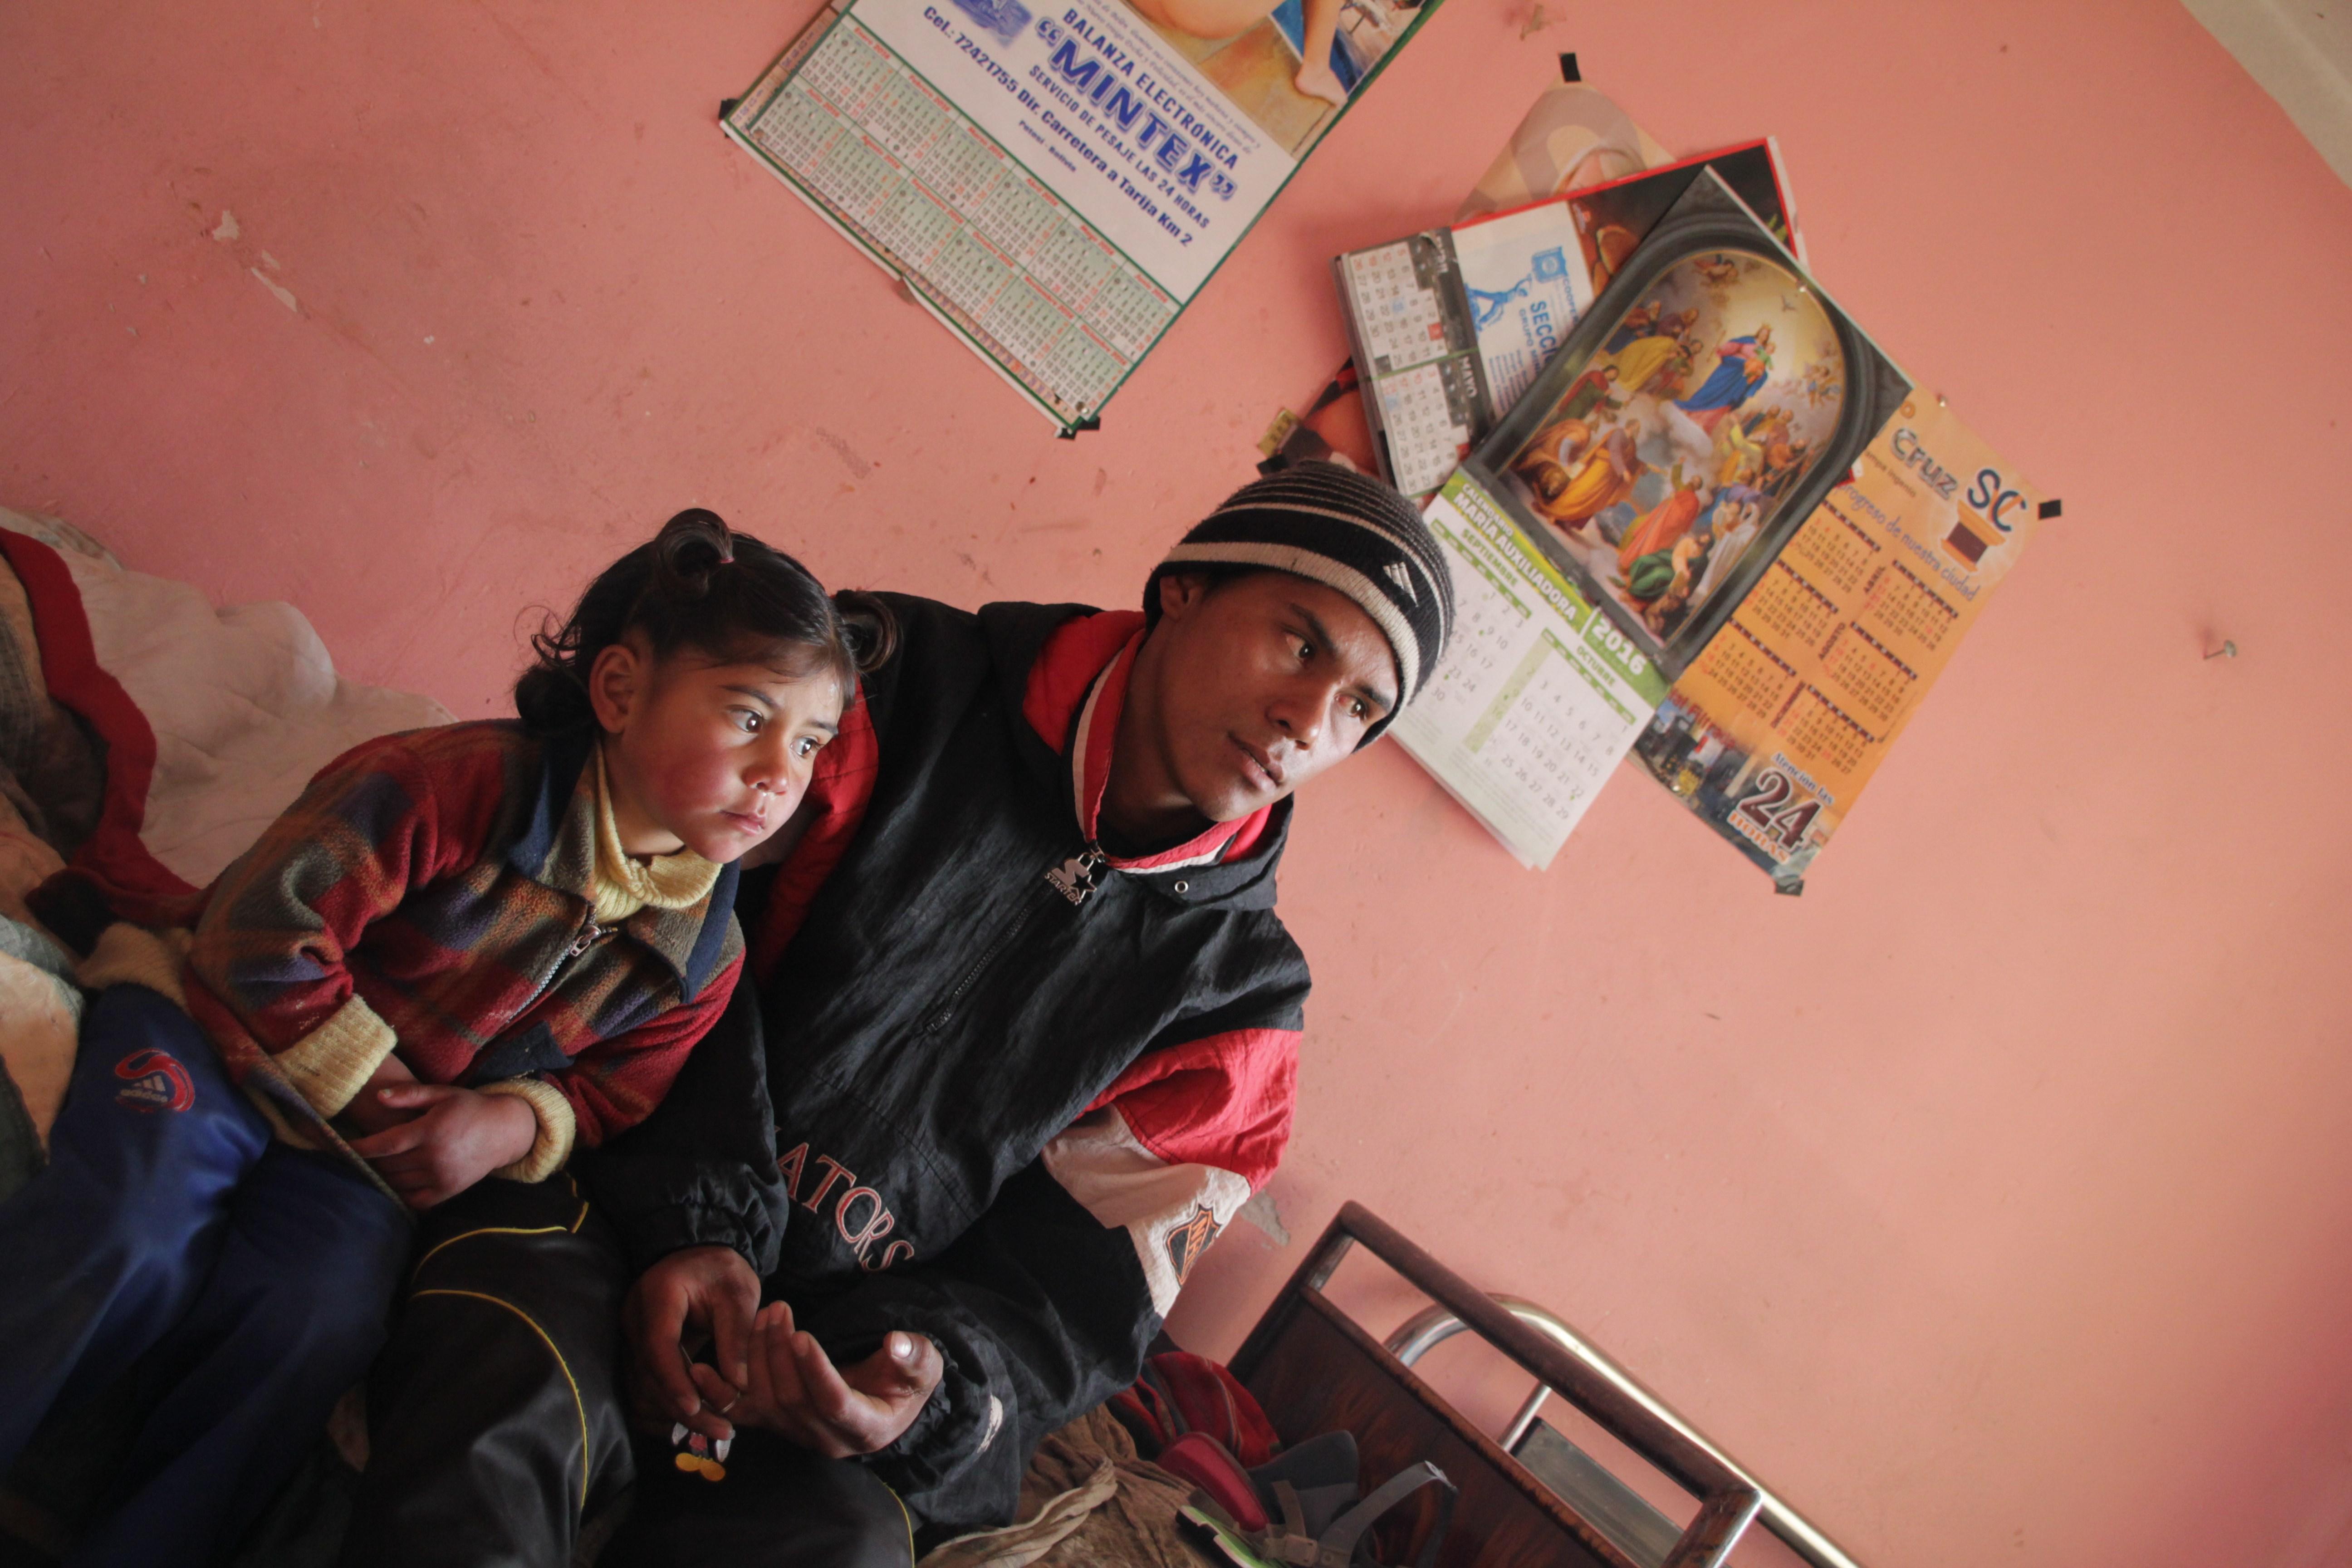 Jhenry et sa petite sœur dans l'étroite pièce où le jeune mineur vit depuis quelques jours (© Jérôme Decoster).